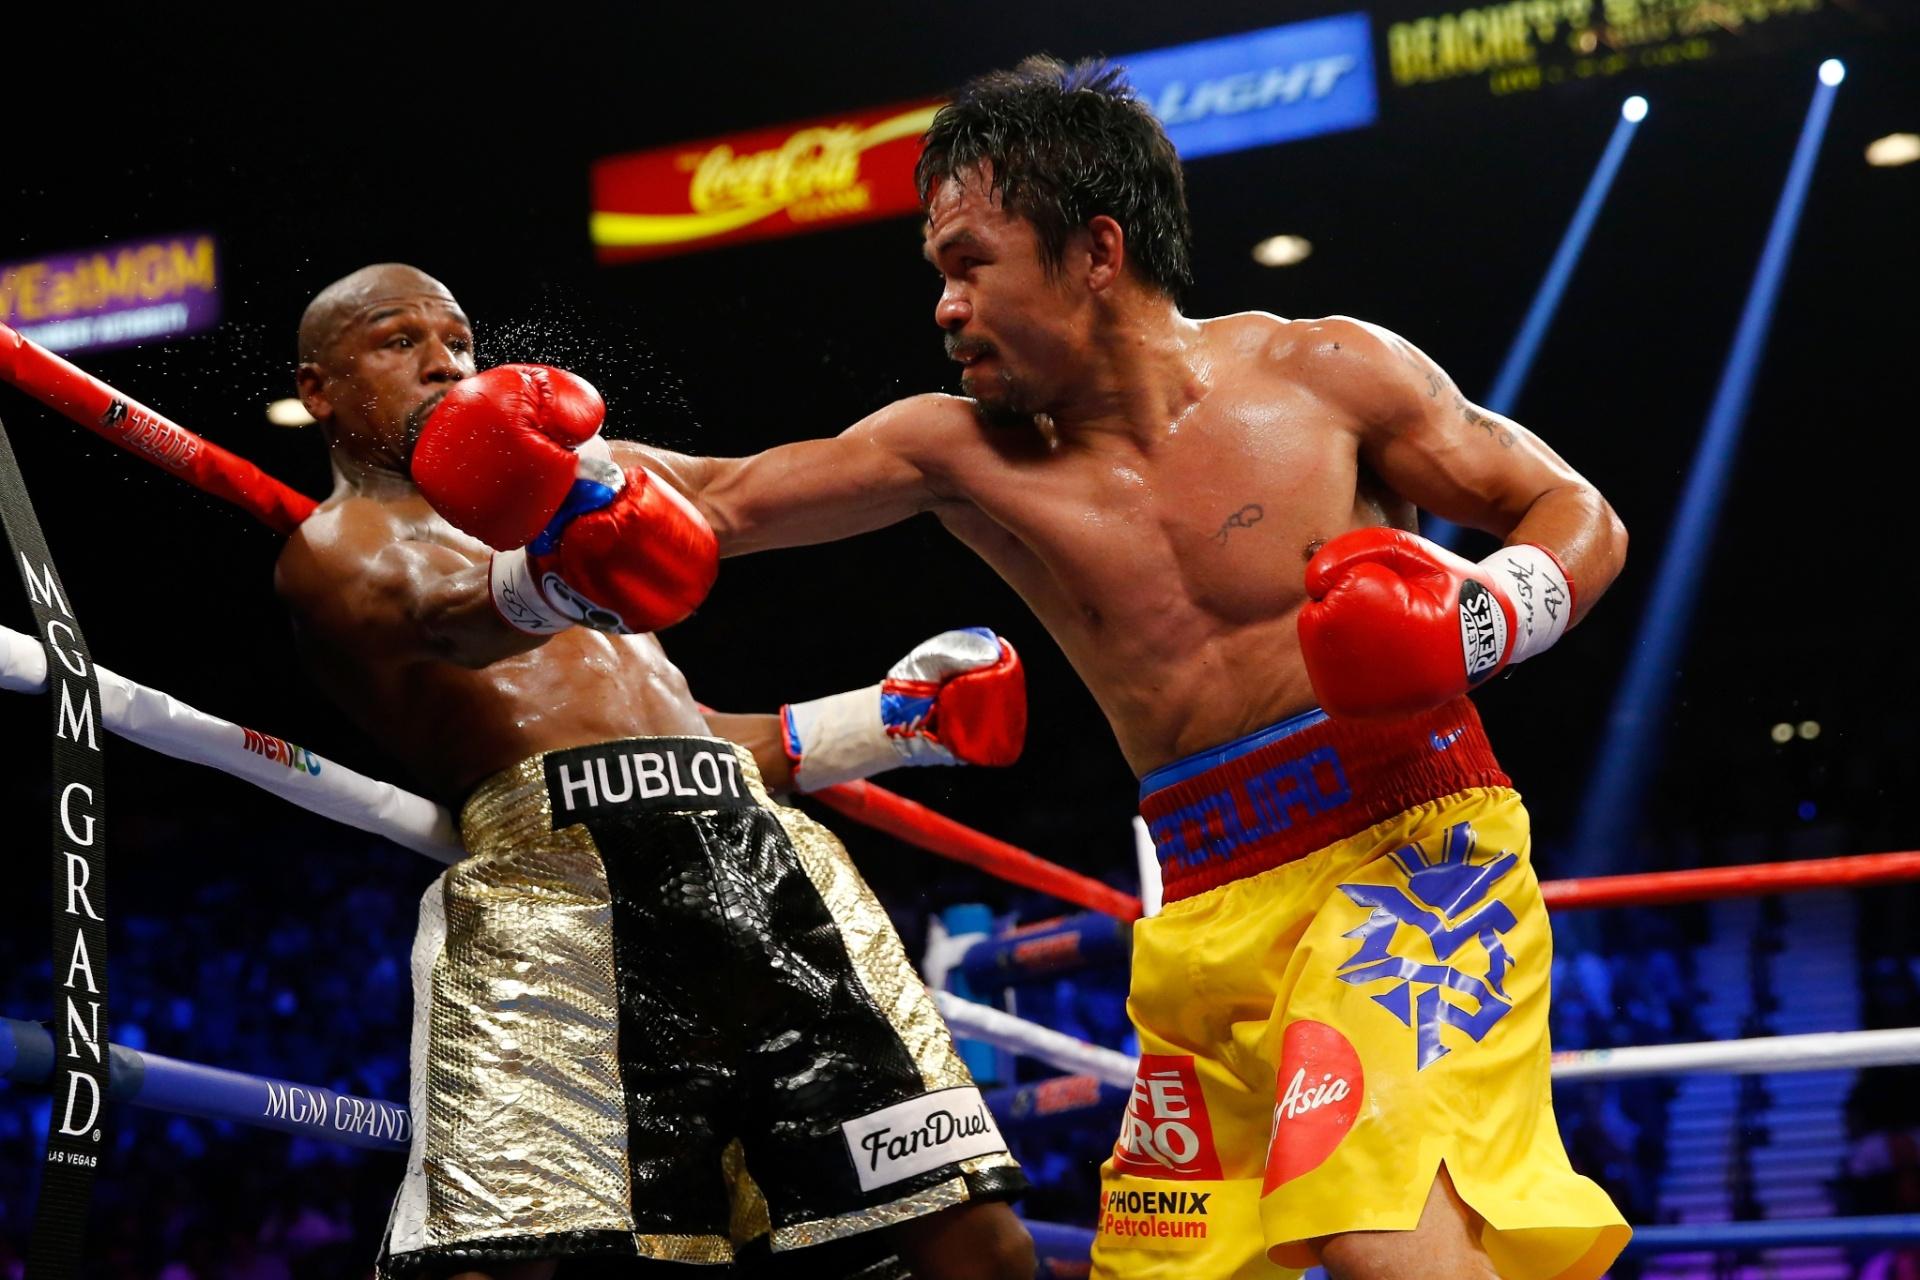 Mayweather consegue se esquivar de mais um golpe de Manny Pacquiao